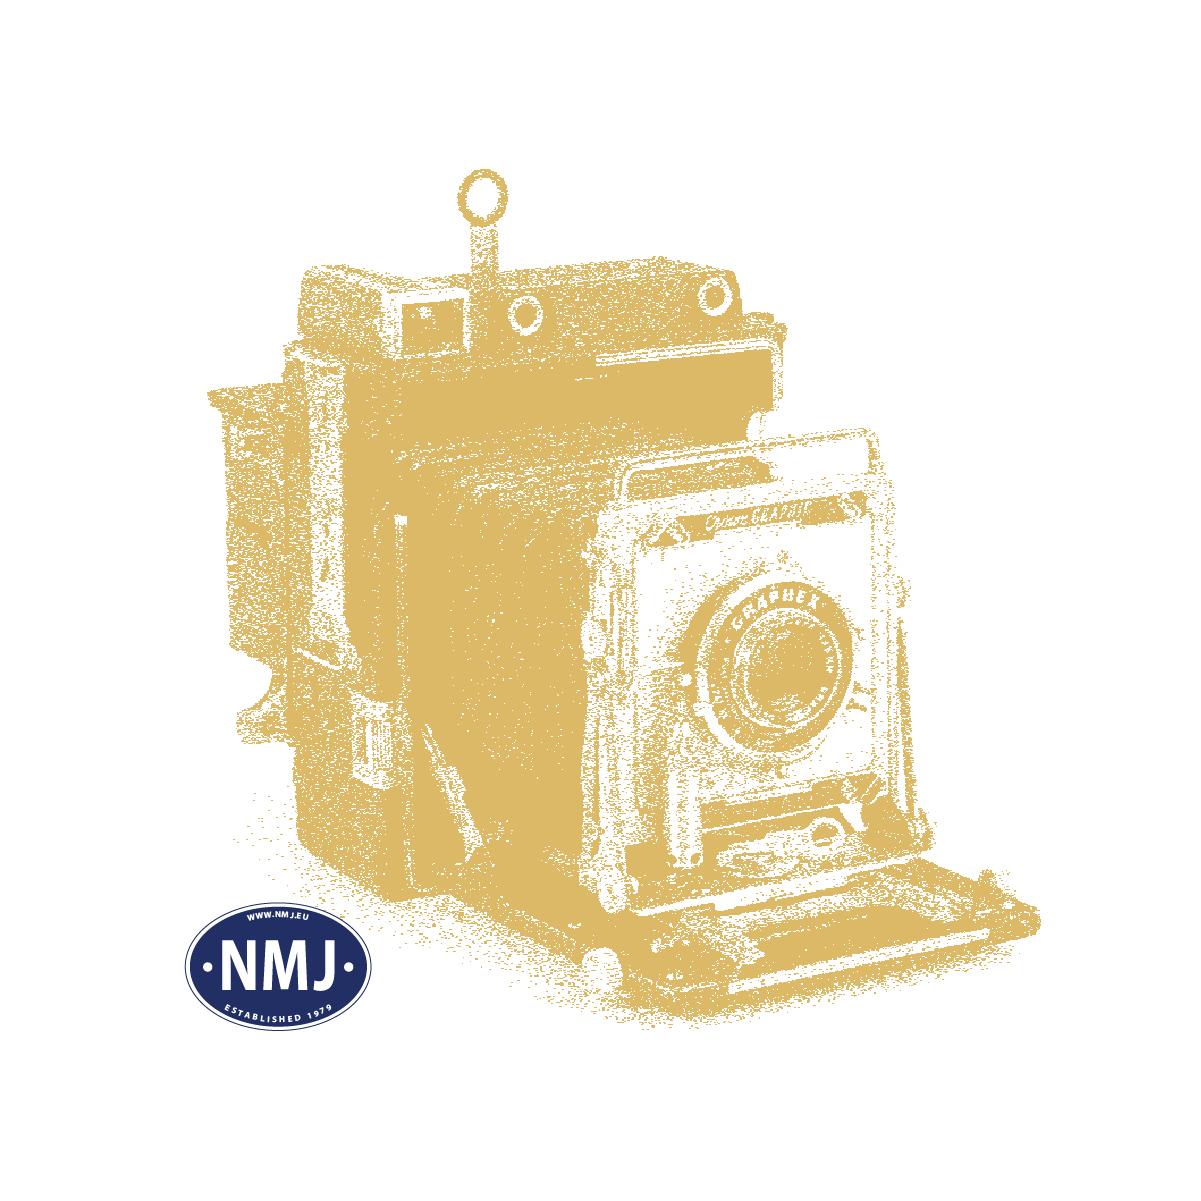 NMJT80.202 - NMJ Topline NSB EL17.2229 (V2.0), DC